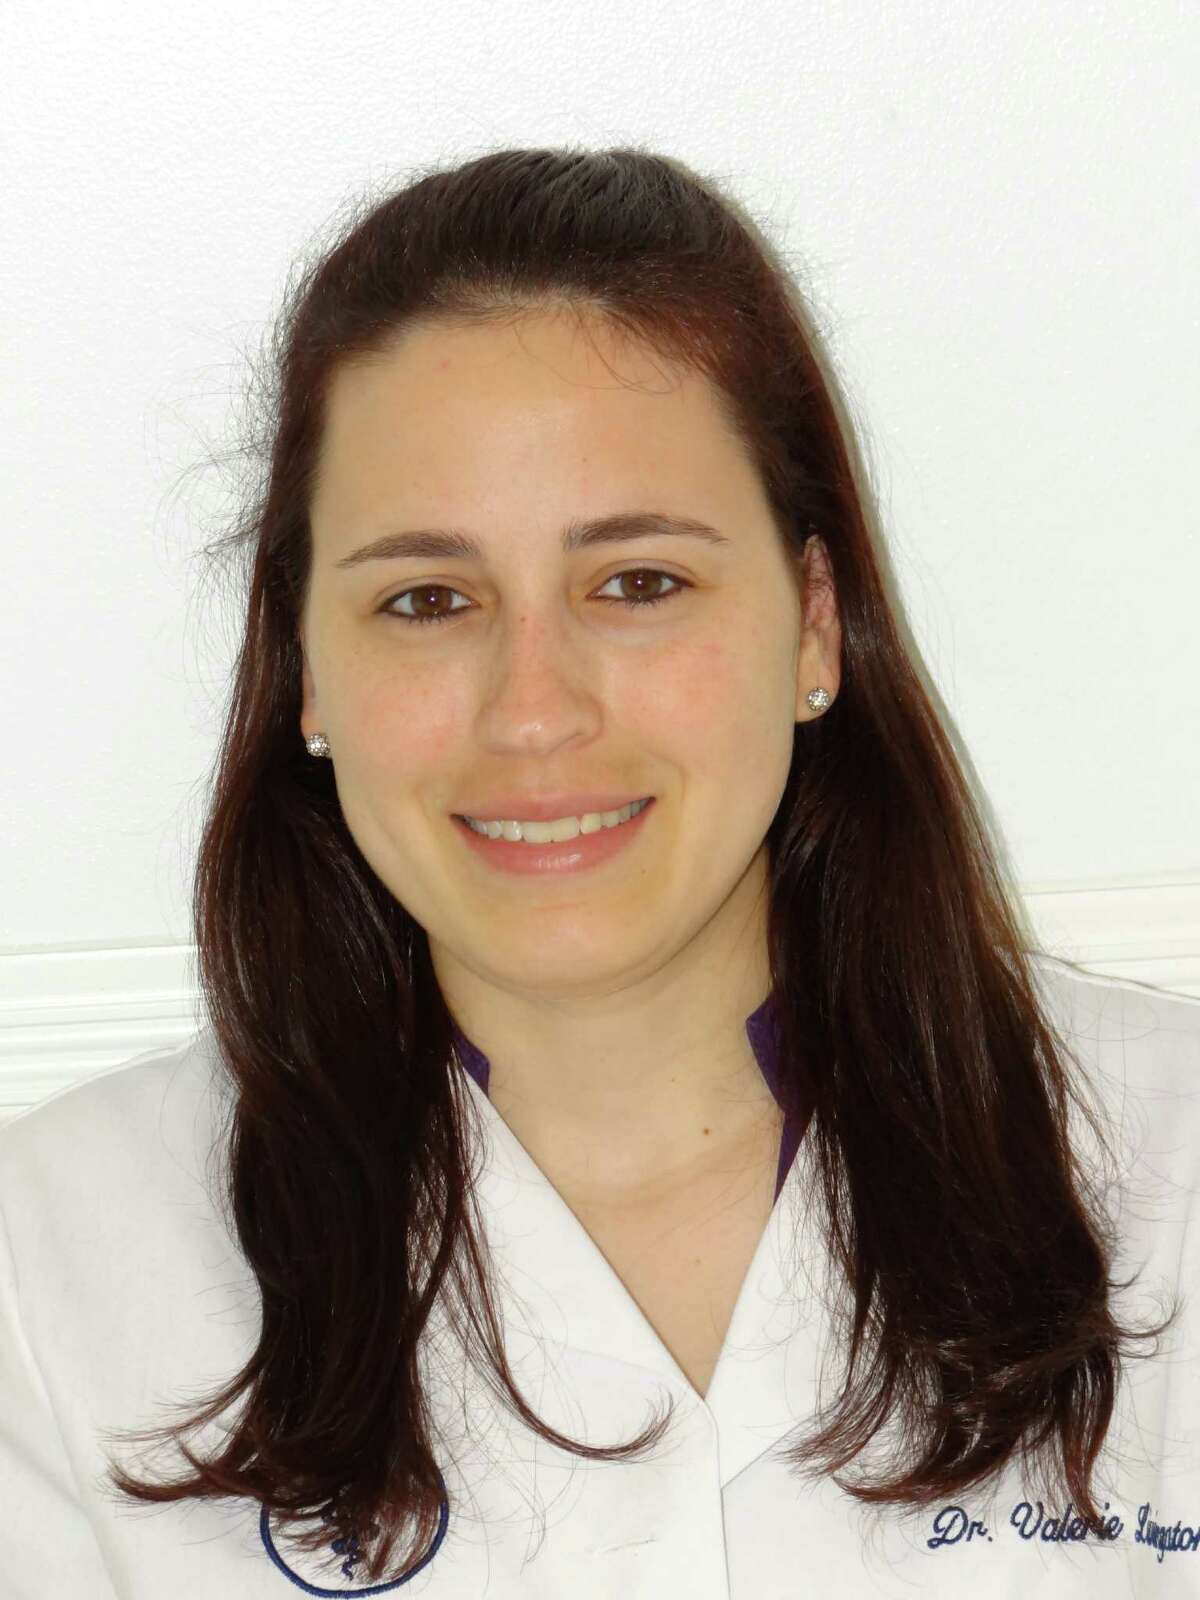 Dr. Valerie Livingston